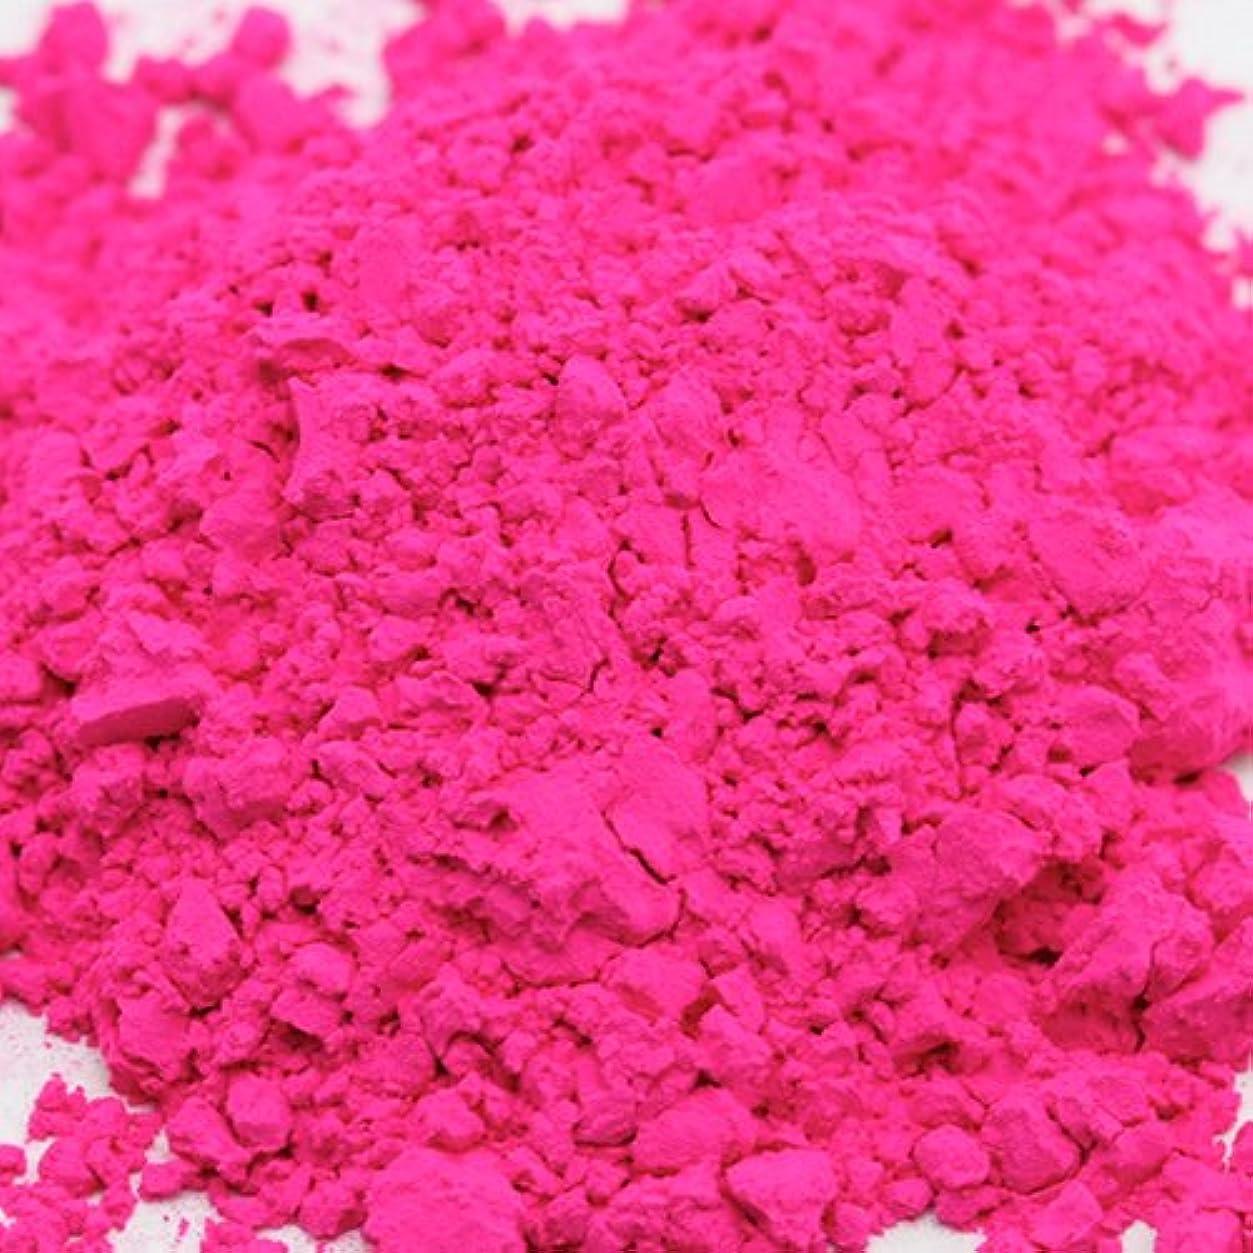 交通赤面コンクリートキャンディカラー ピンク 20g 【手作り石鹸/手作りコスメ/色付け/カラーラント】